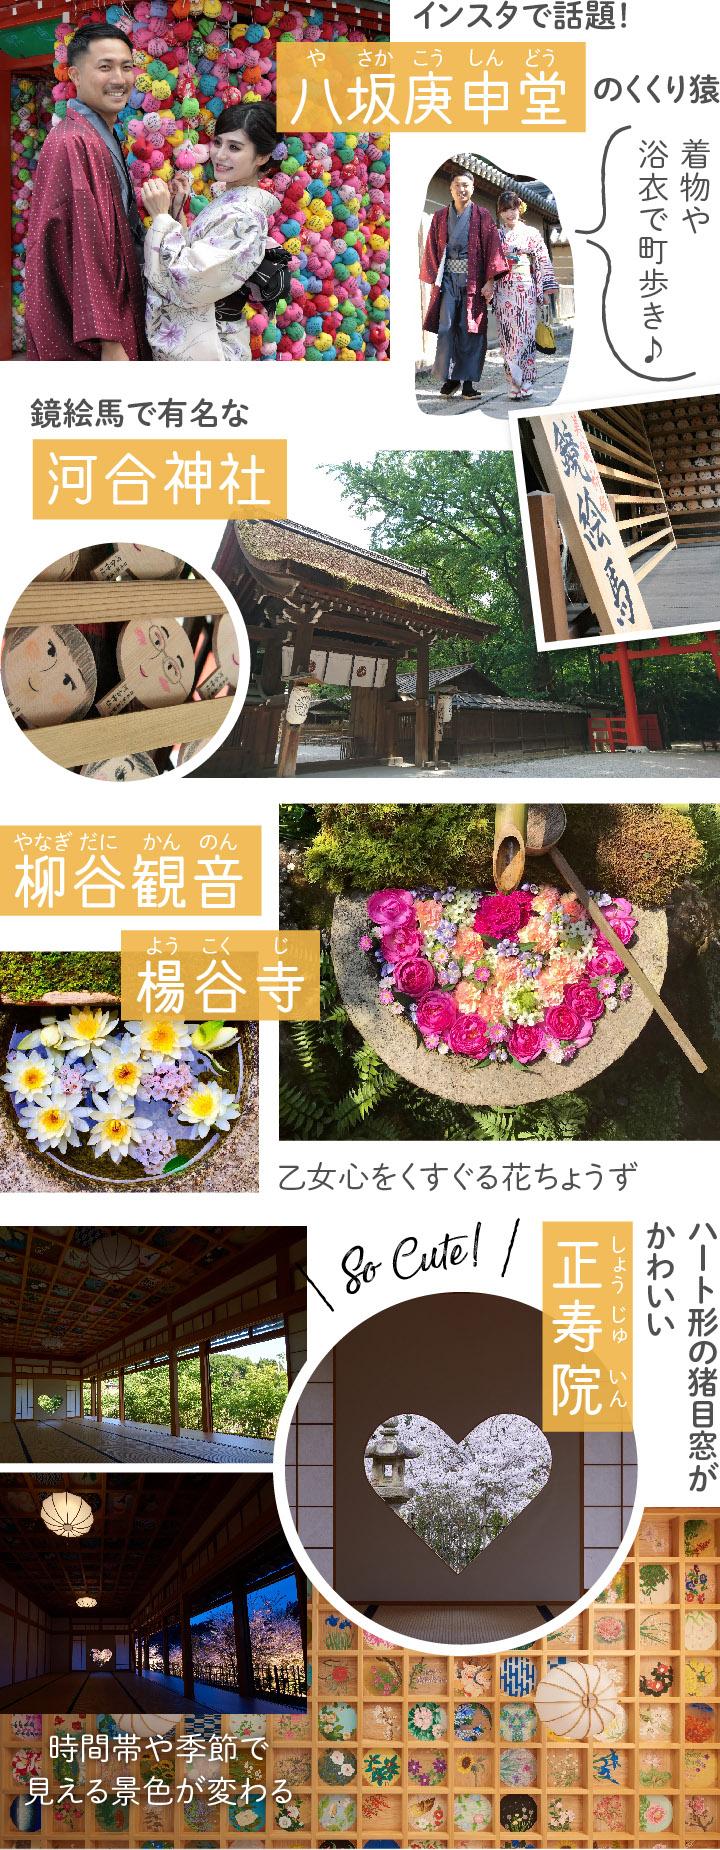 国内新婚旅行 京都